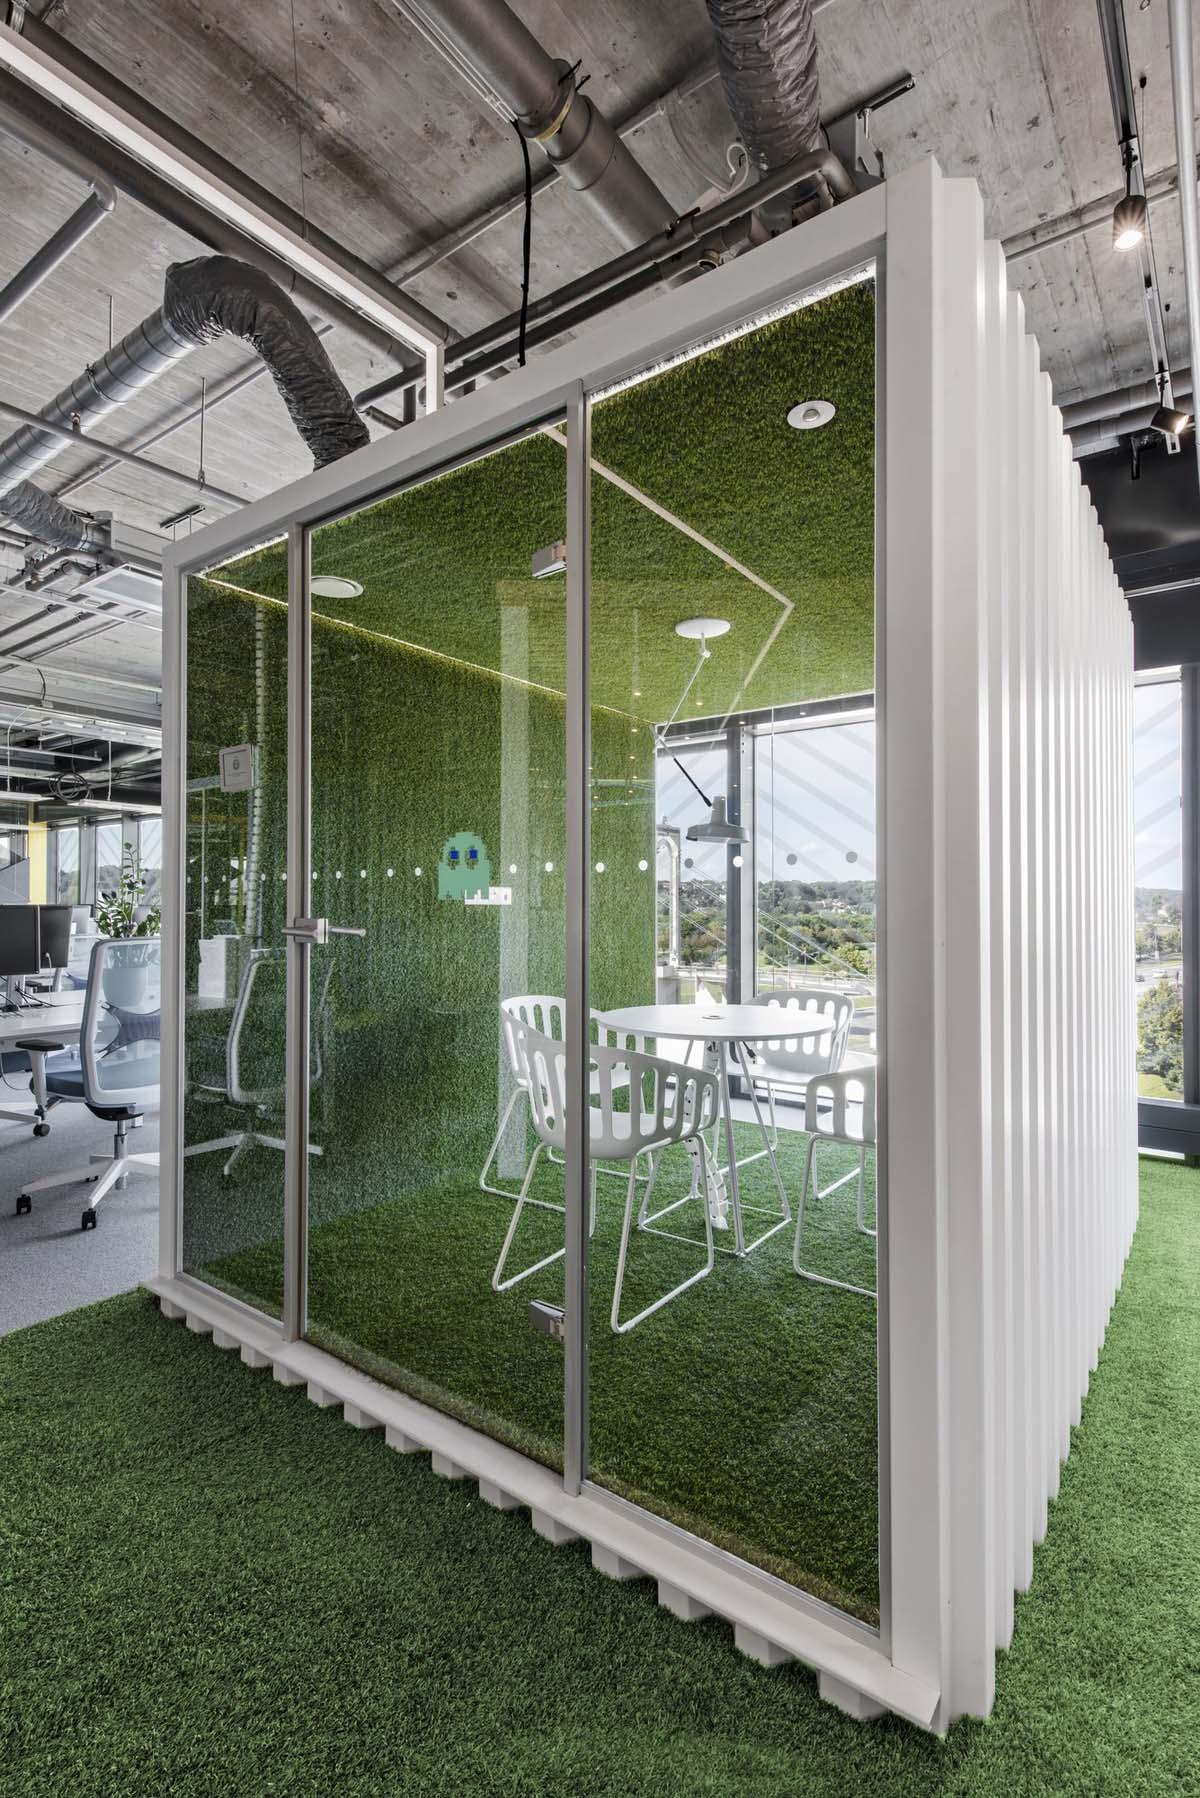 800㎡办公空间设计,精通空间布局,诠释工作态度|LAVA studio - 9